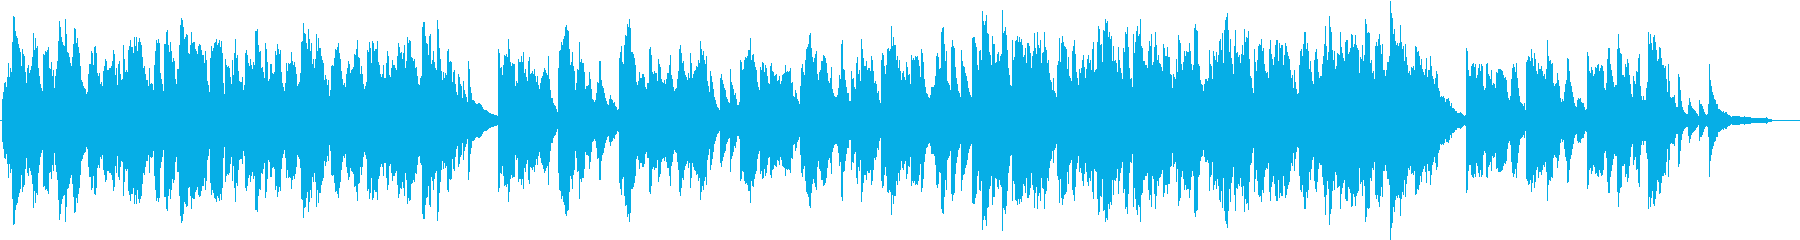 二胡とピアノのしっとりと切ないBGMの再生済みの波形